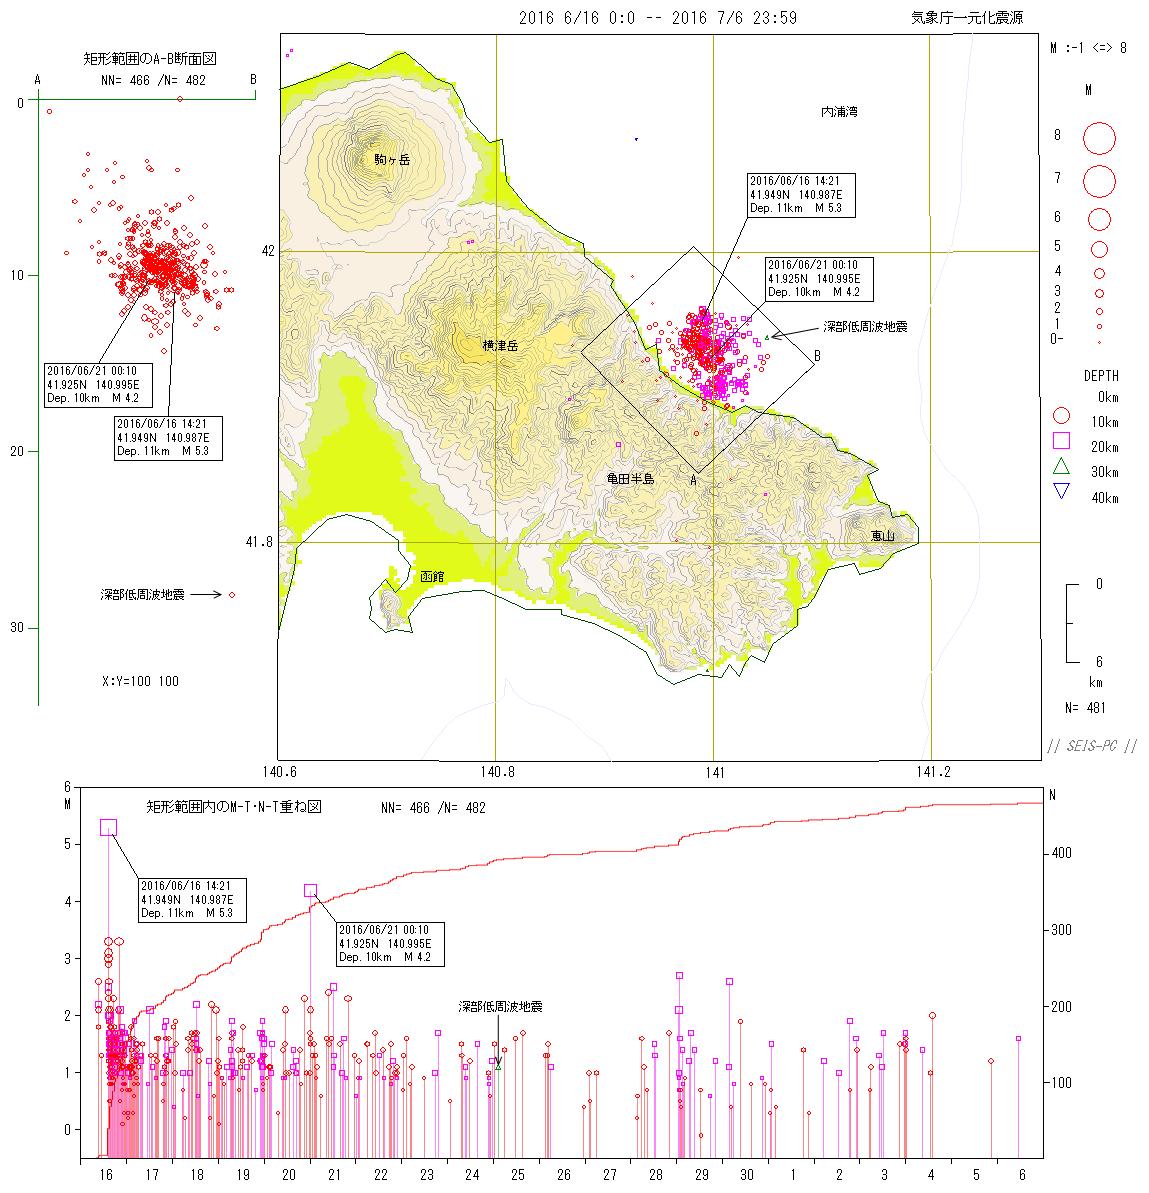 地震・火山関連メモ 2016年